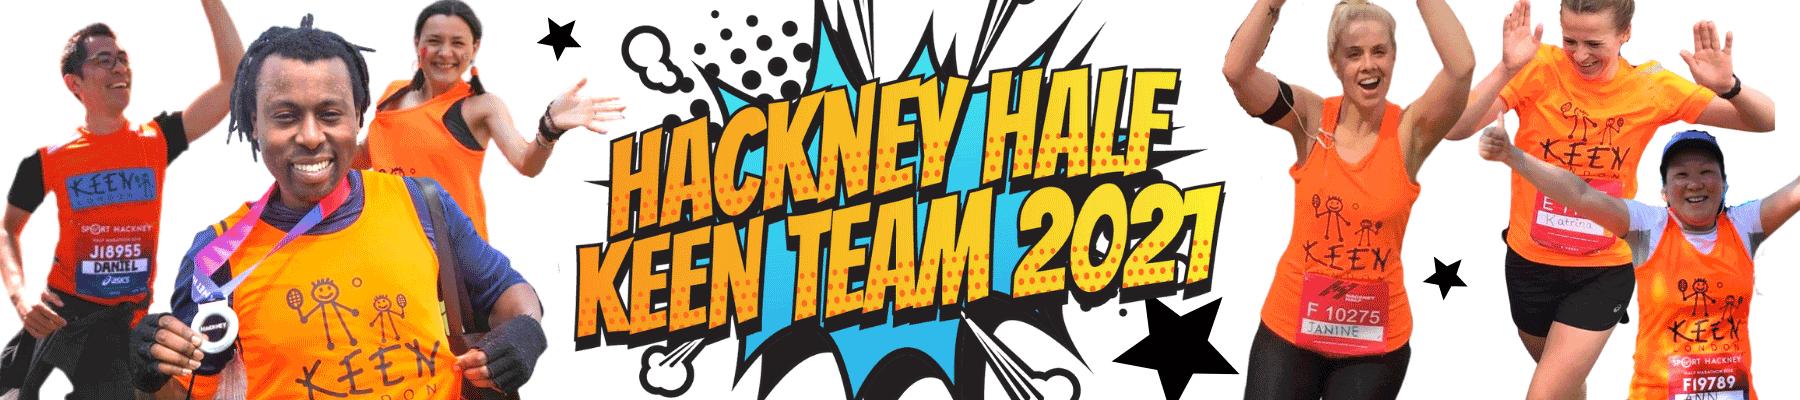 Hackney Half 2021